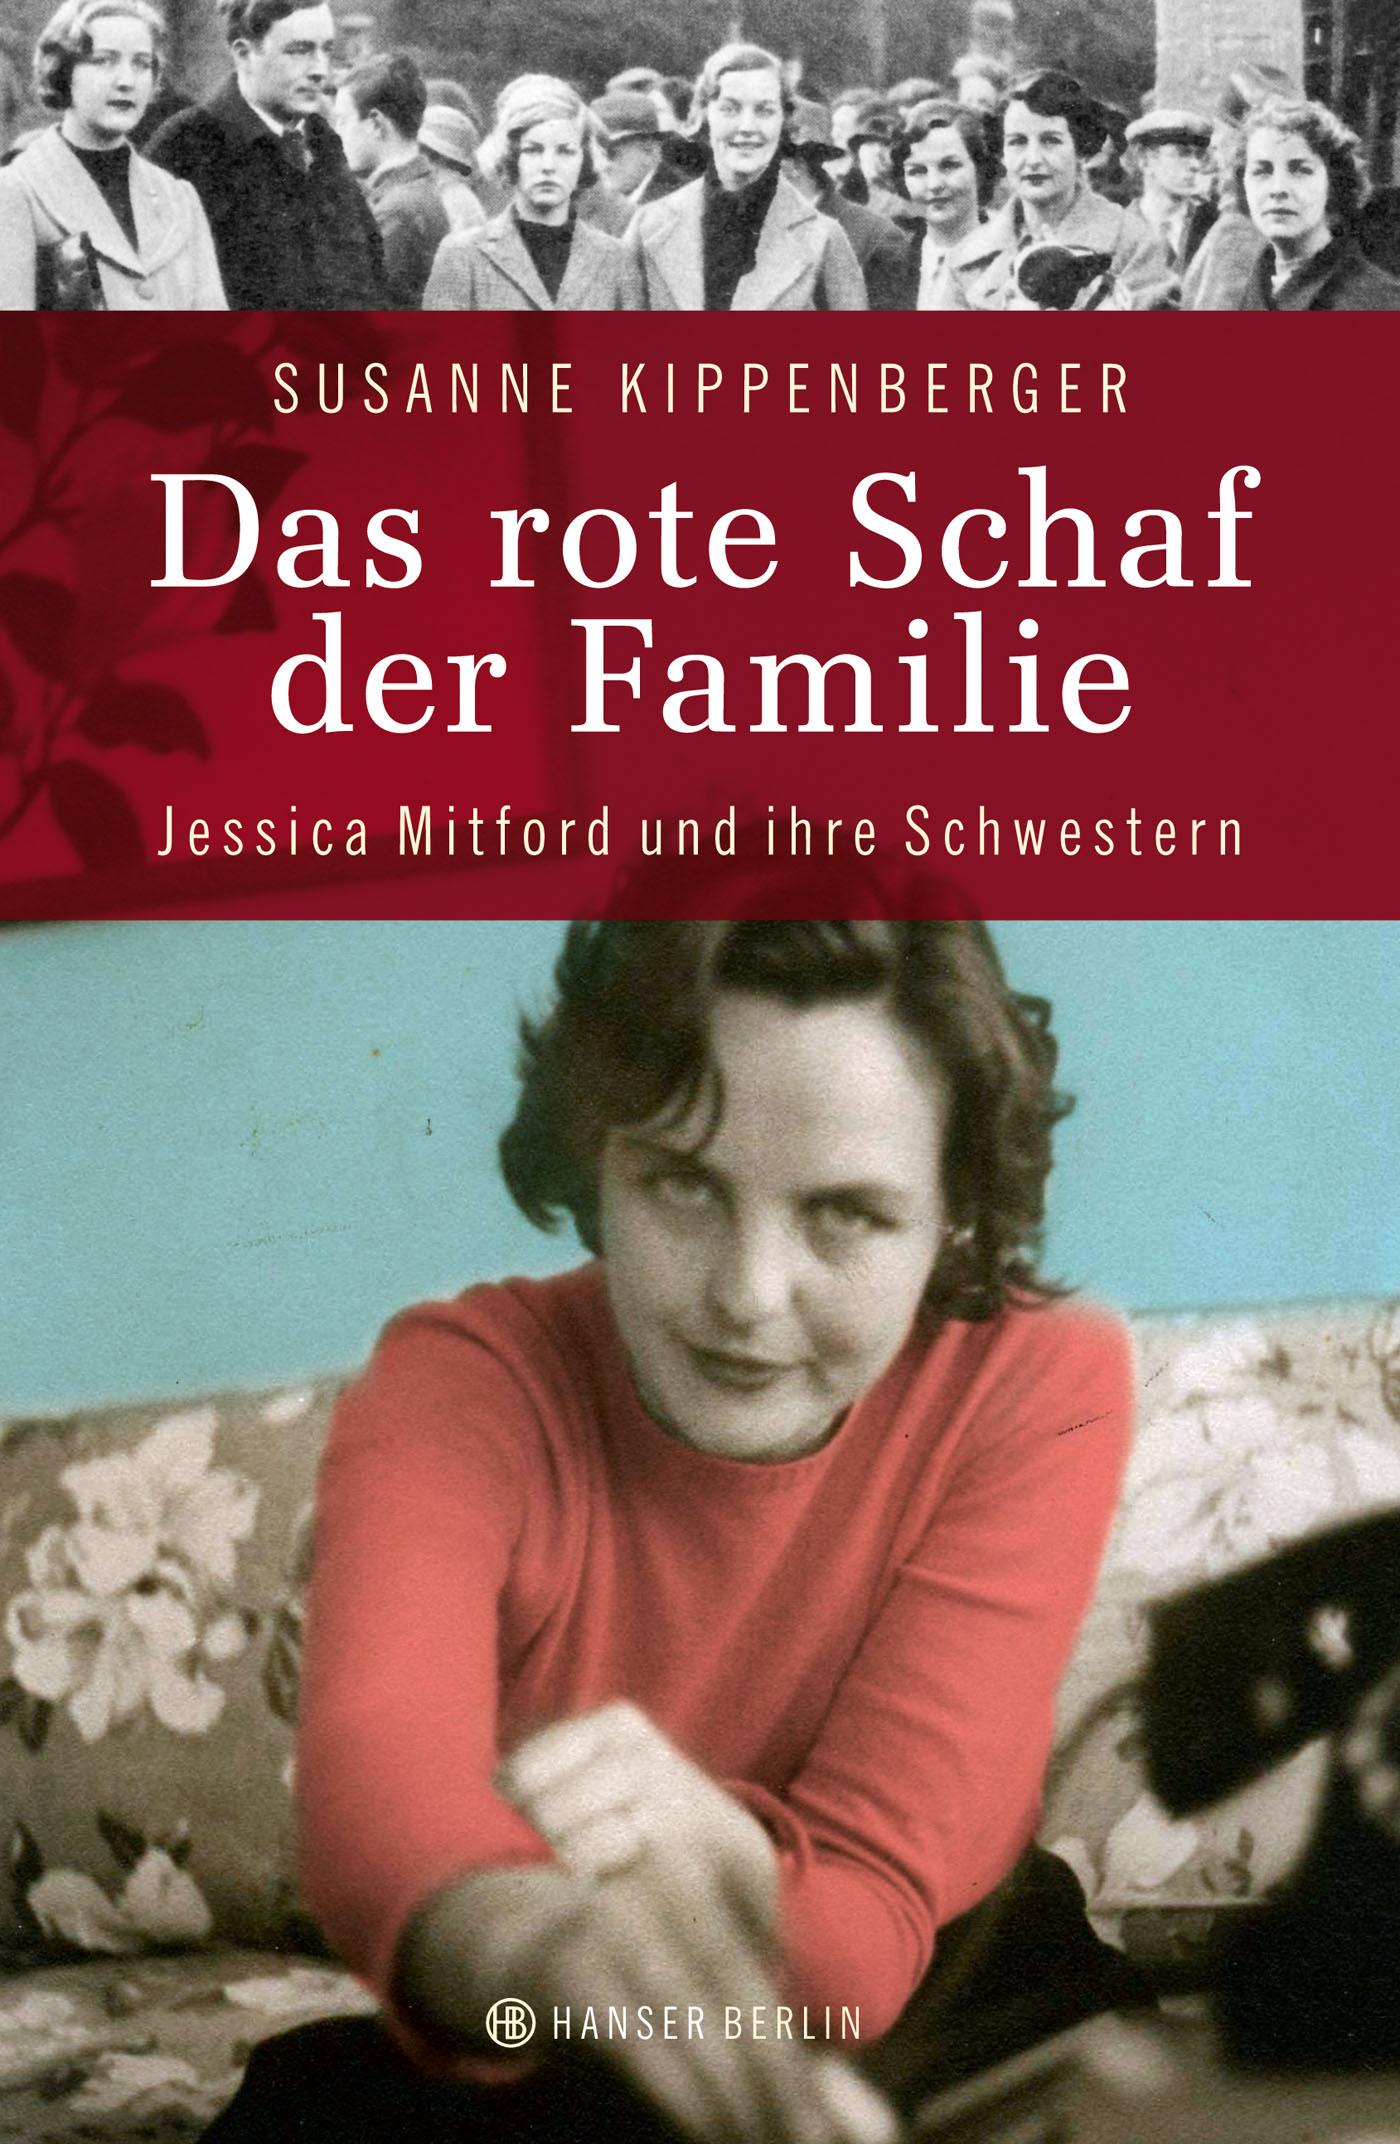 Das rote Schaf der Familie: Jessica Mitford und ihre Schwestern - Susanne Kippenberger [Gebundene Ausgabe]